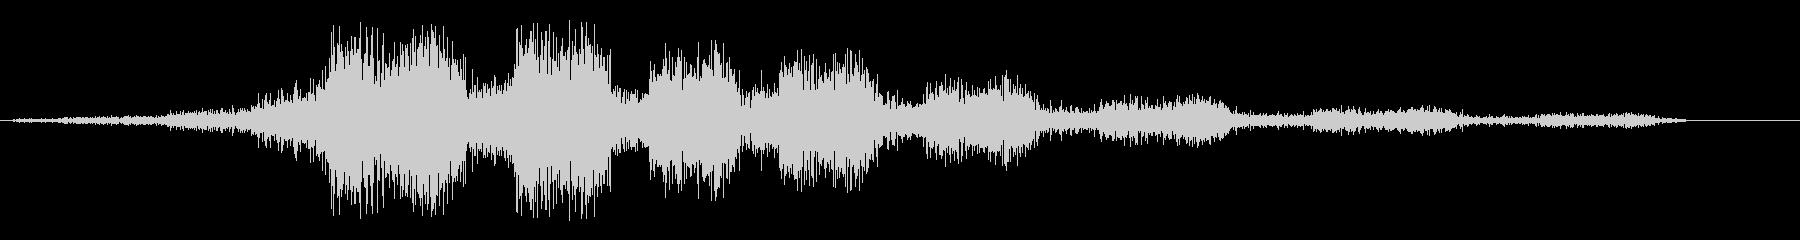 シュルシュルとロープを巻き取る音の未再生の波形